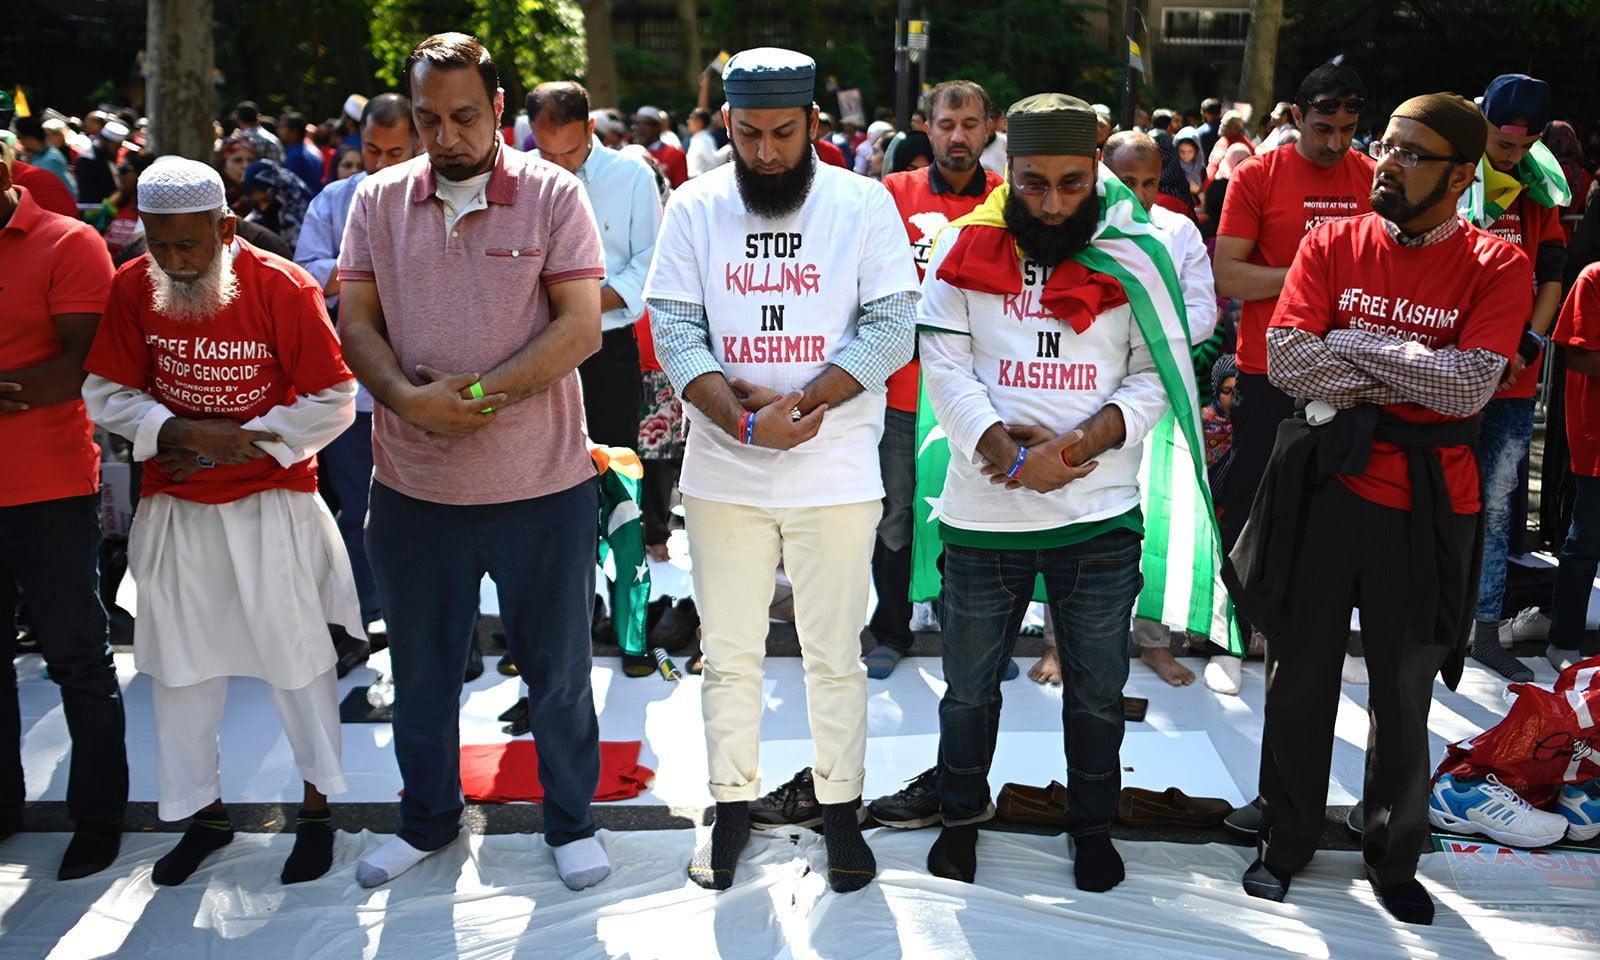 اقوام متحدہ کے ہیڈکوارٹرز کے باہر جمع مظاہرین نے نماز بھی ادا کی—فوٹو:اے ایف پی